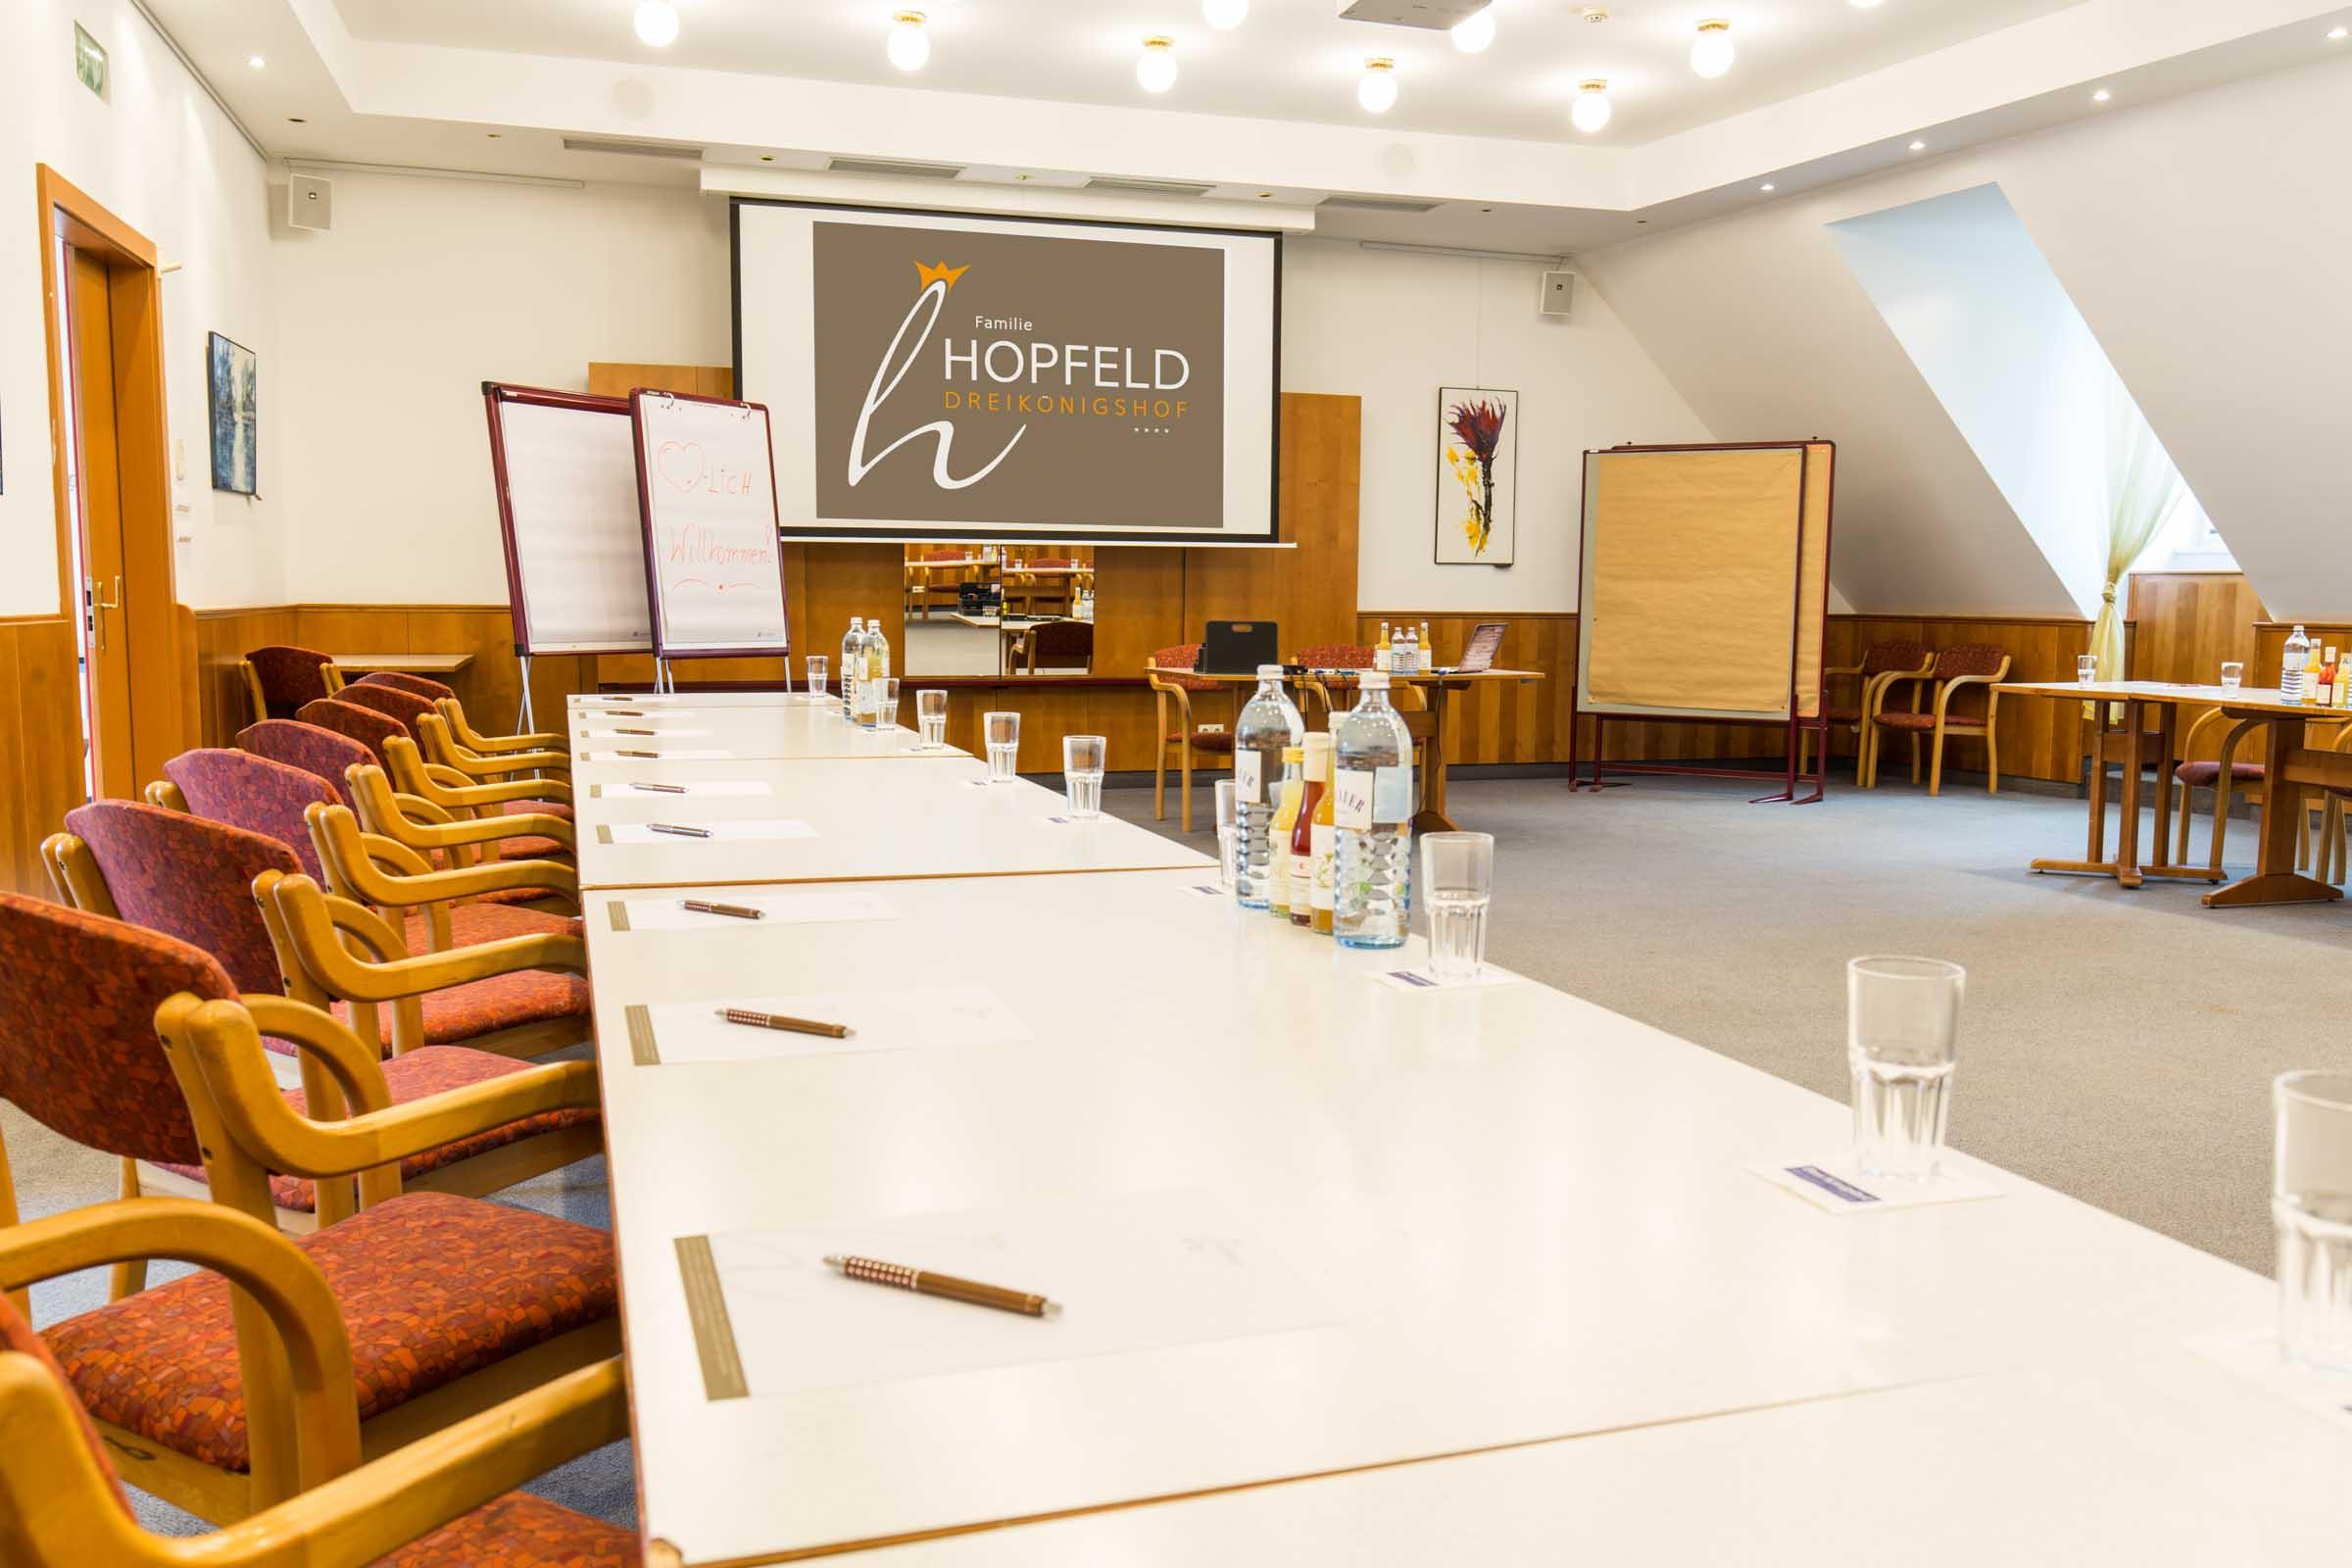 E-Mobility – Kompetenztreffen NIEDERÖSTERREICH Mai » Seminare Tagungen Meetings Incentivs Firmenveranstaltungen Stockerau Familie Hopfeld Dreikoenigshof 12